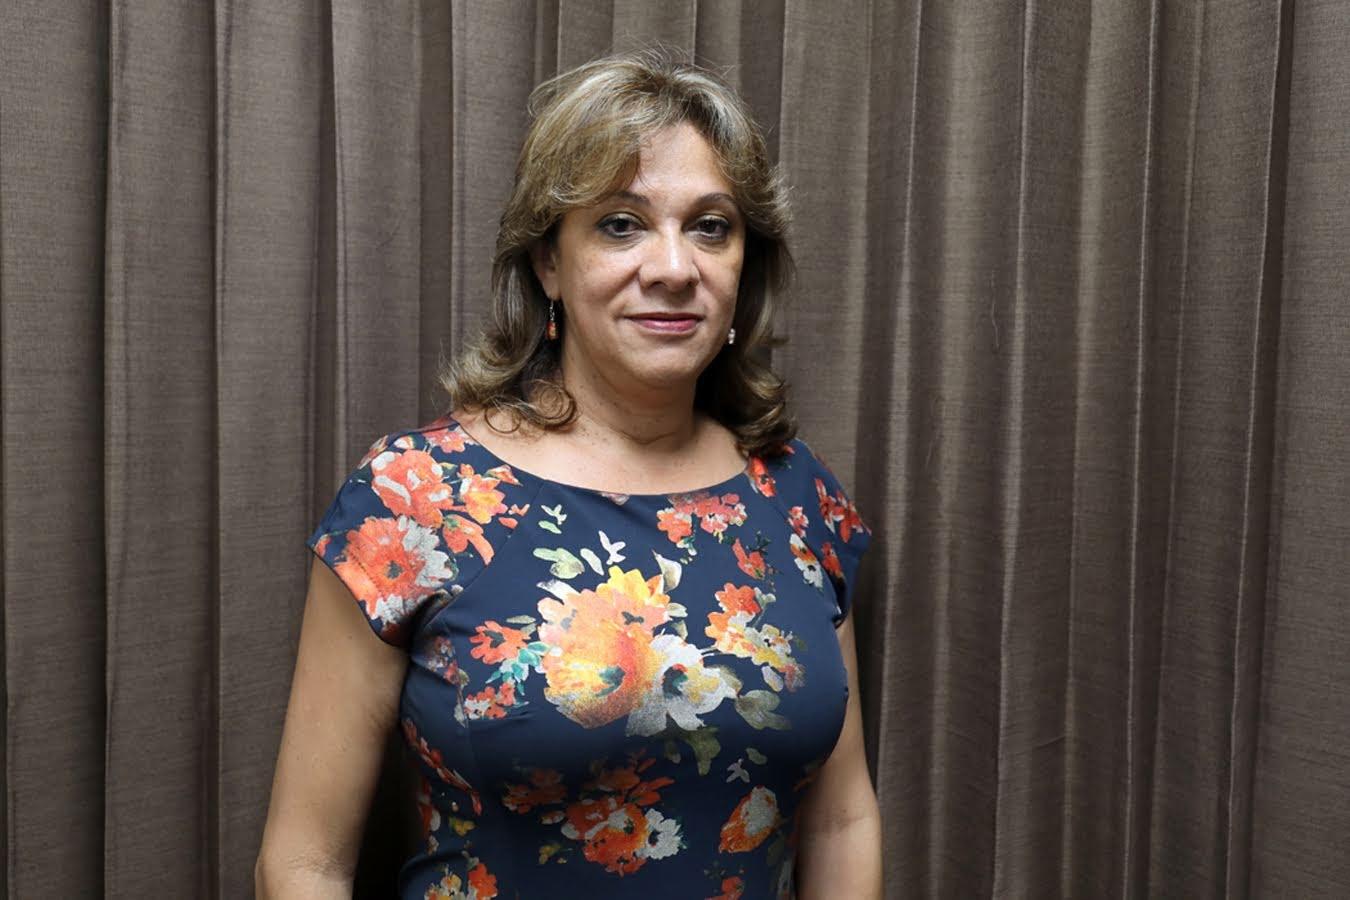 Imagen RENUNCIA VICEMINISTRA DE JUSTICIA POR RAZONES PERSONALES Y FAMILIARES